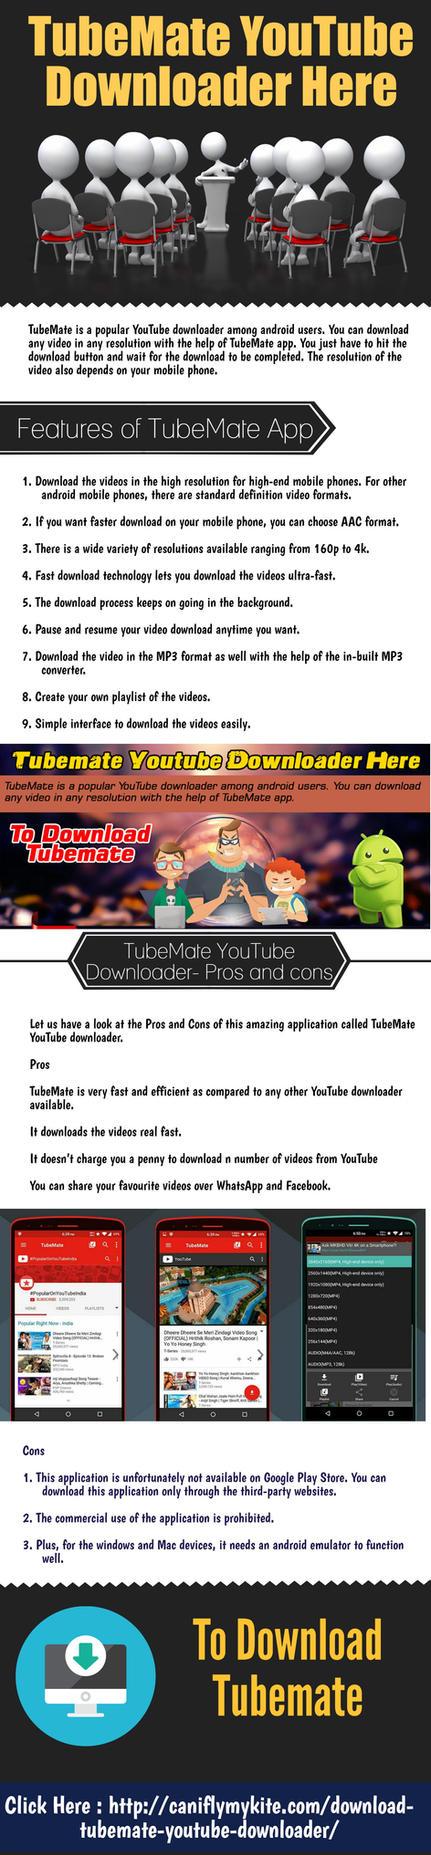 Tubemate Youtube Downloader By Davidmclaughlin On Deviantart